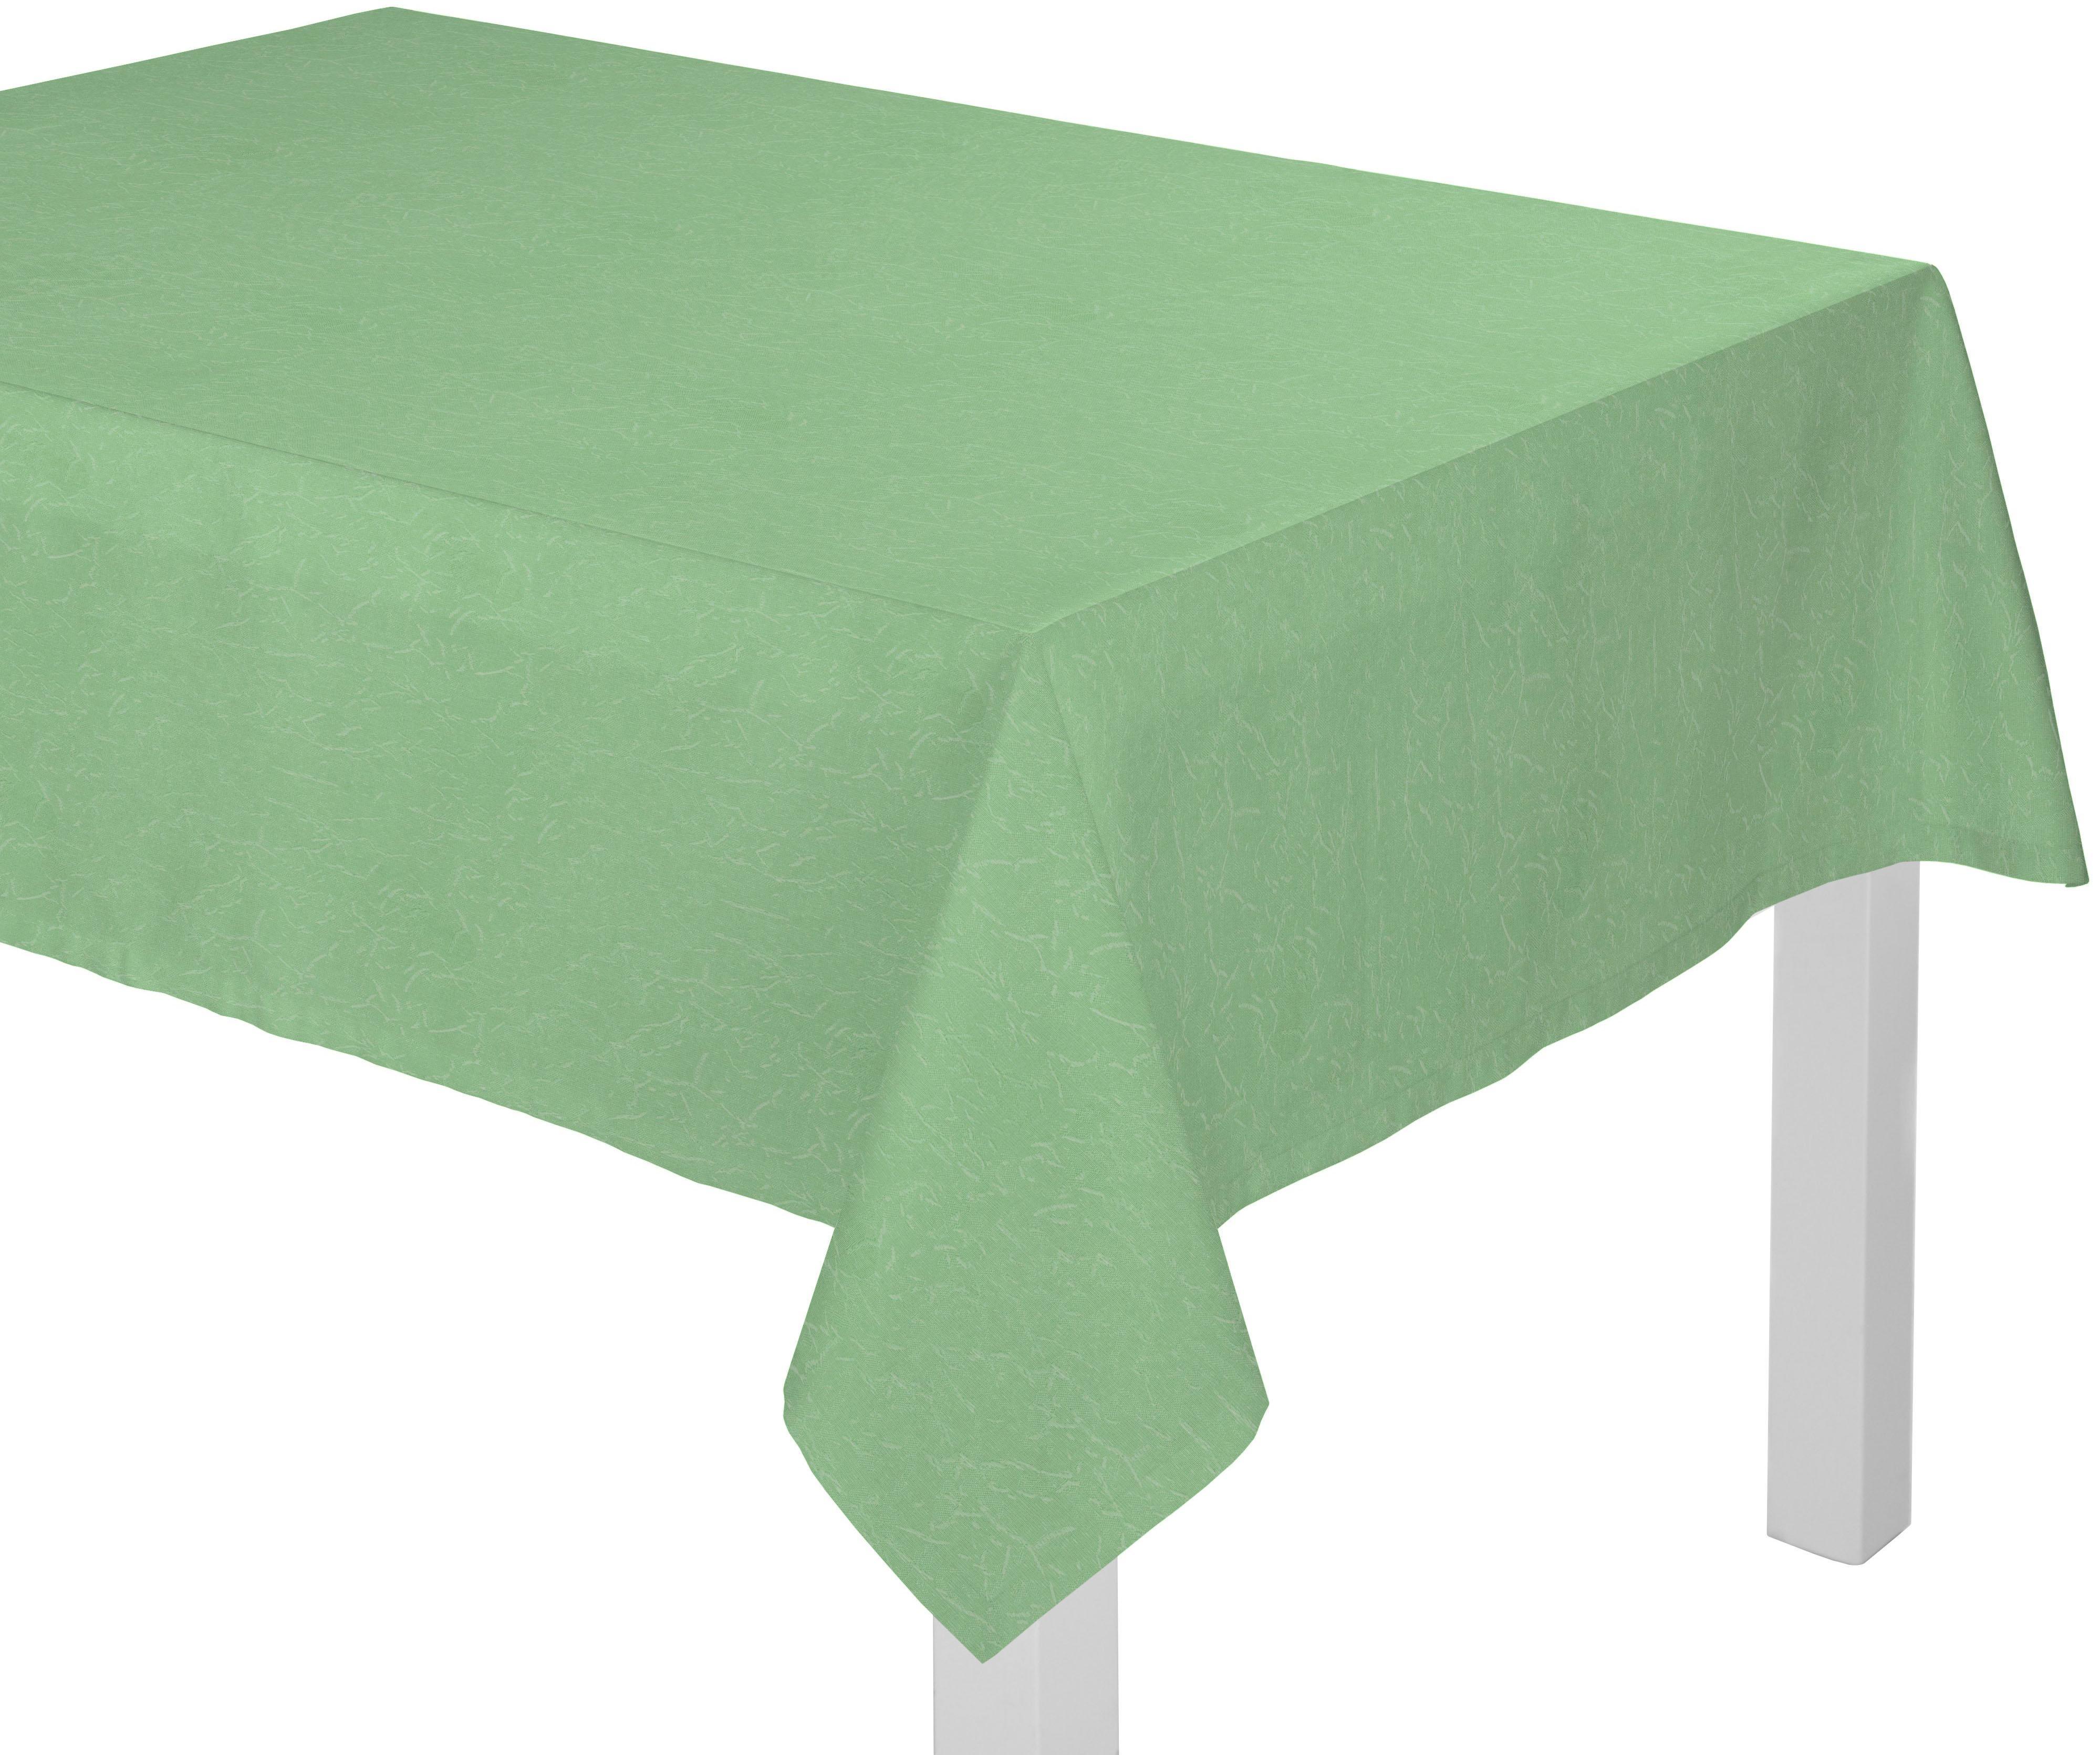 Tischdecke, Wirth, »Lahnstein« | Heimtextilien > Tischdecken und Co > Tischdecken | Grün | WIRTH